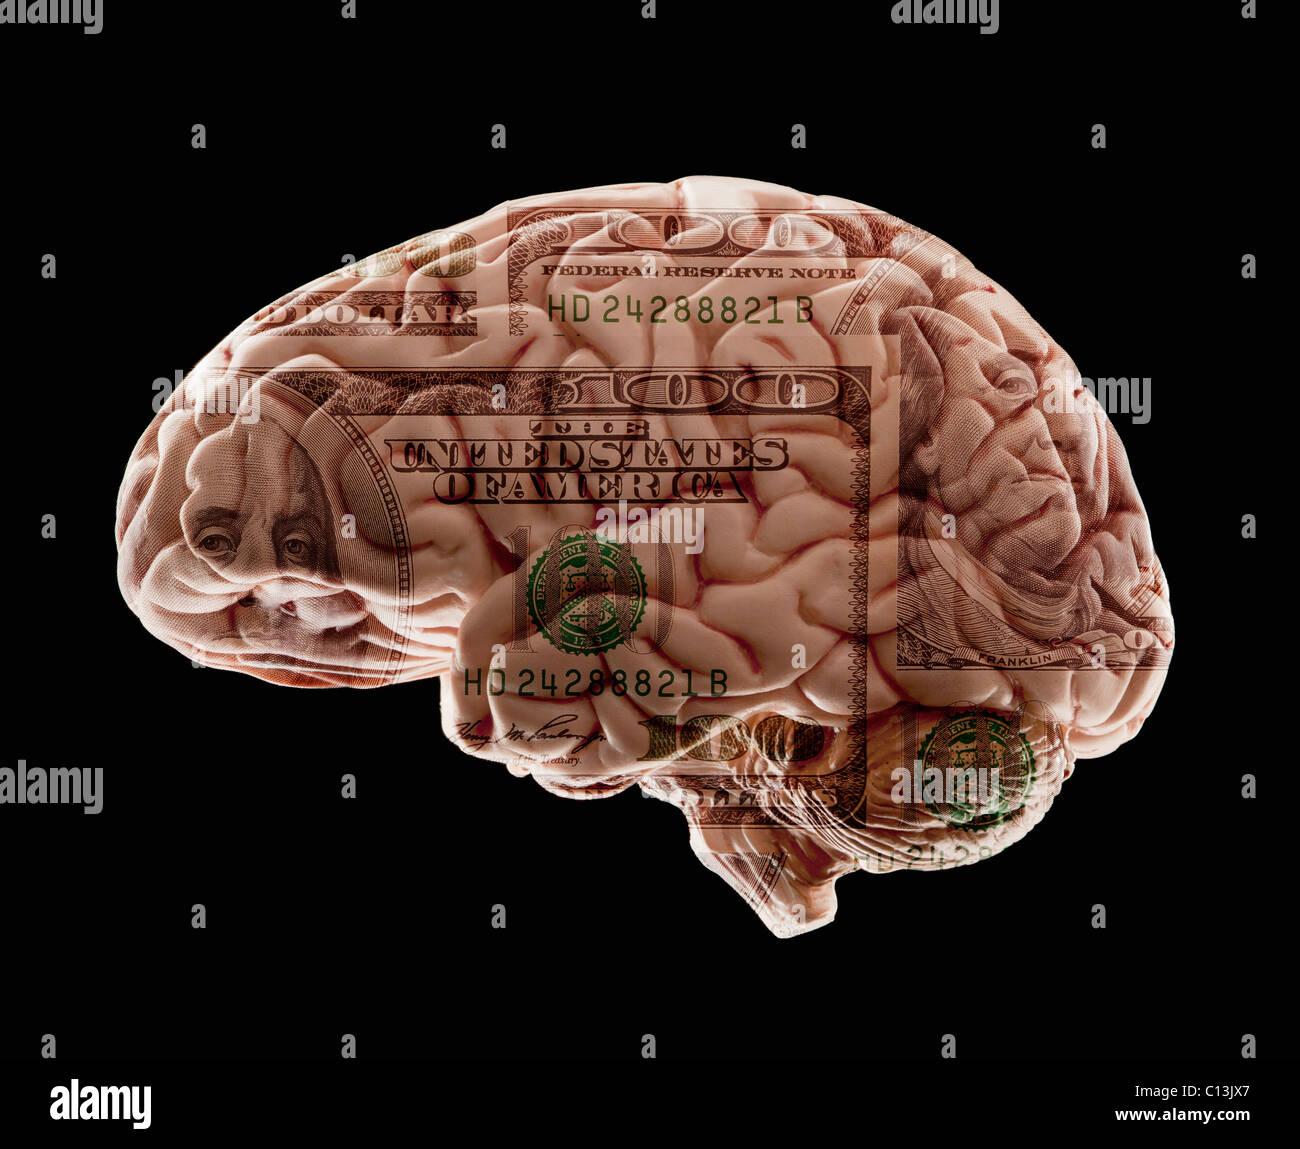 Composizione del cervello umano modello e un centinaio di dollar nota Immagini Stock